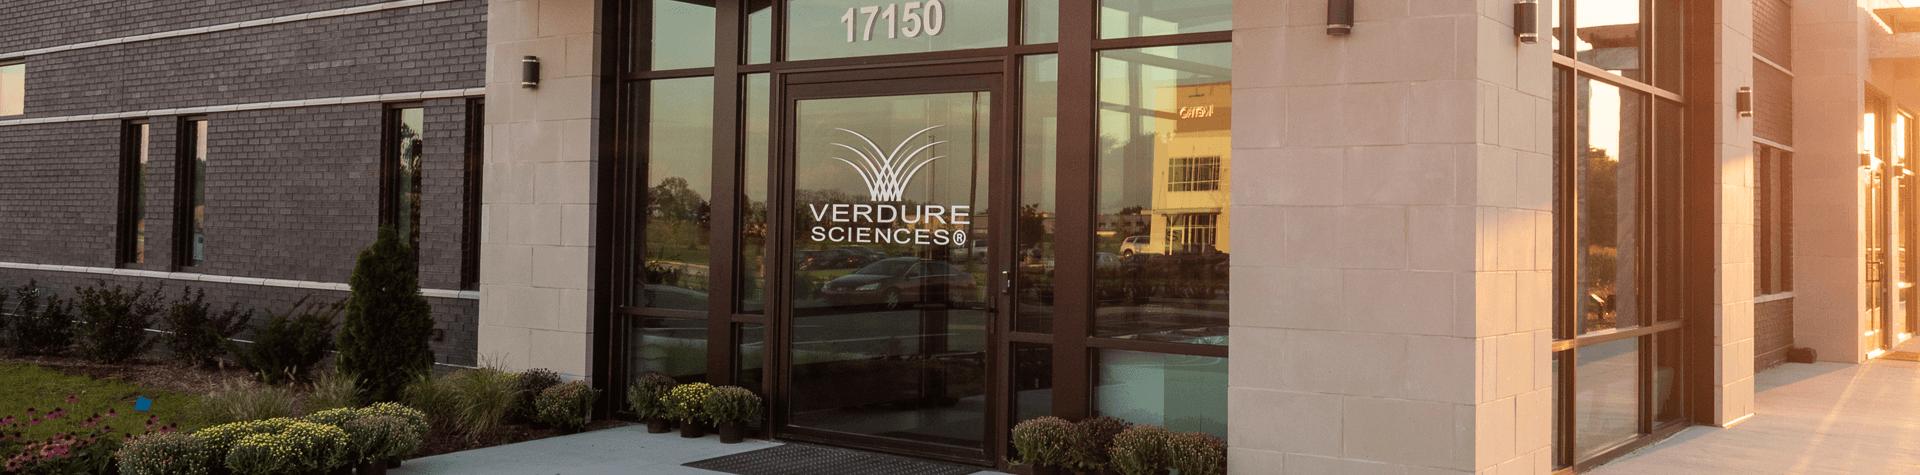 Verdure Sciences front door in Noblesville Indiana